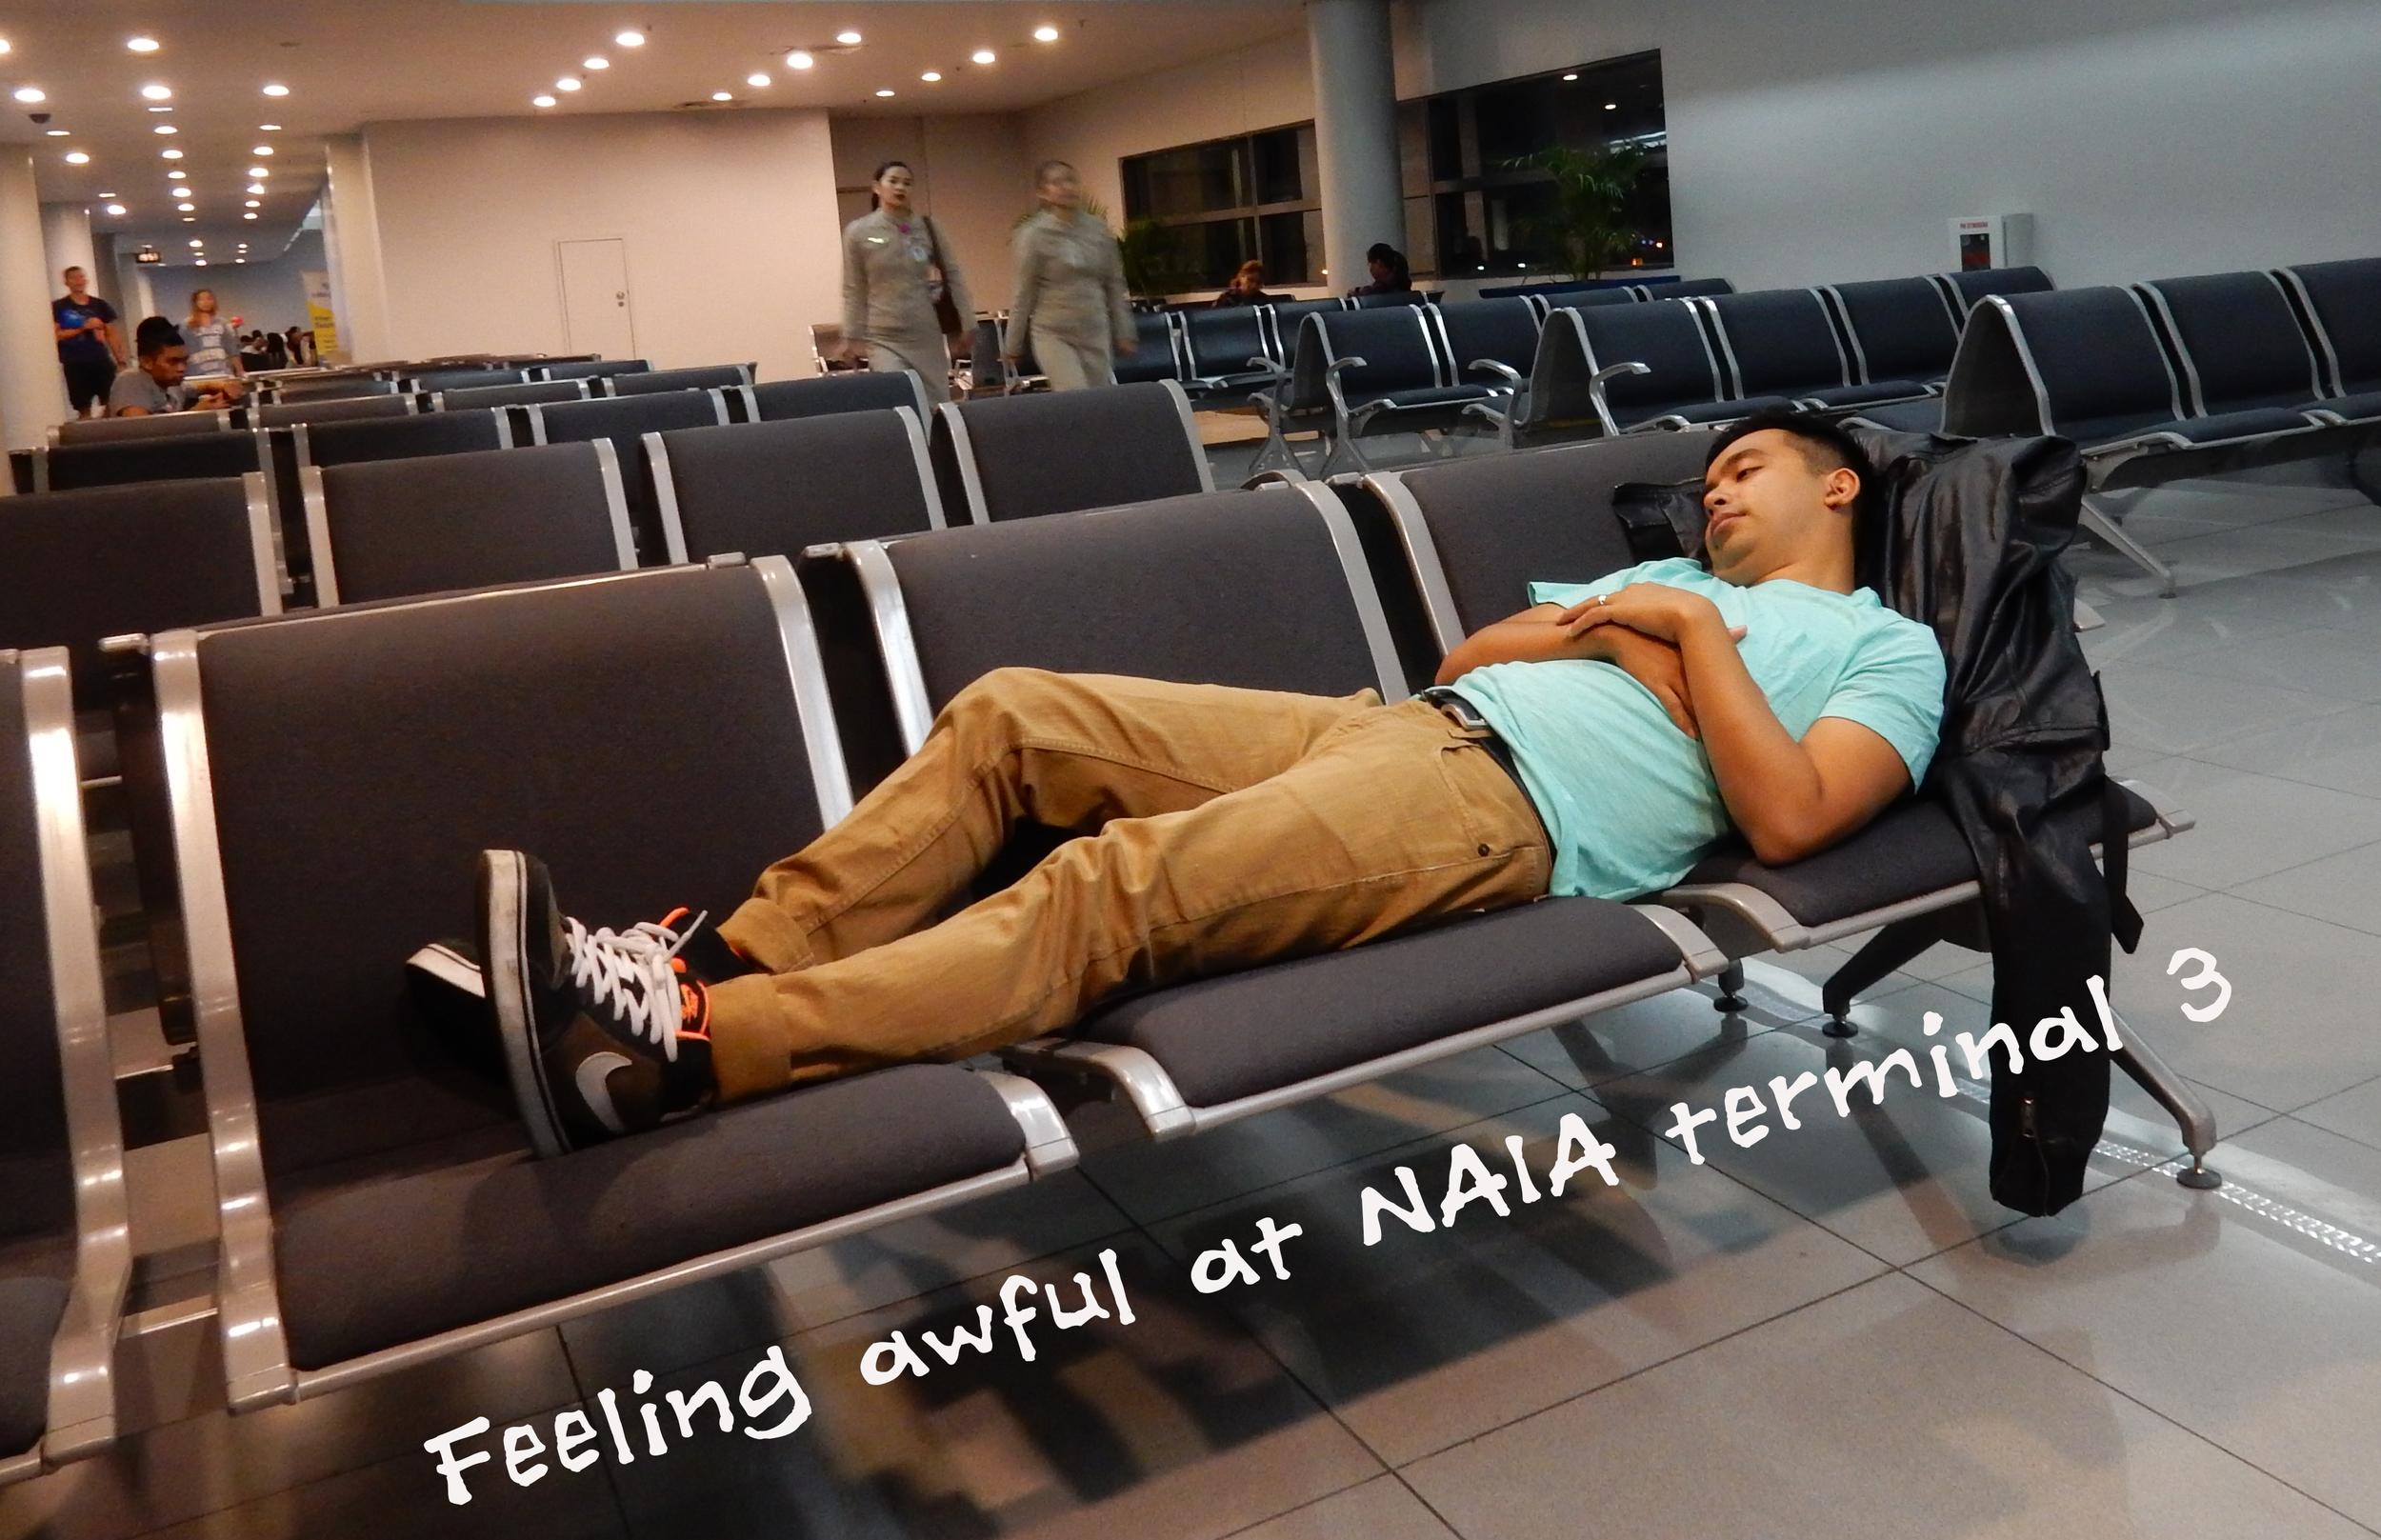 Asleep at NAIA3